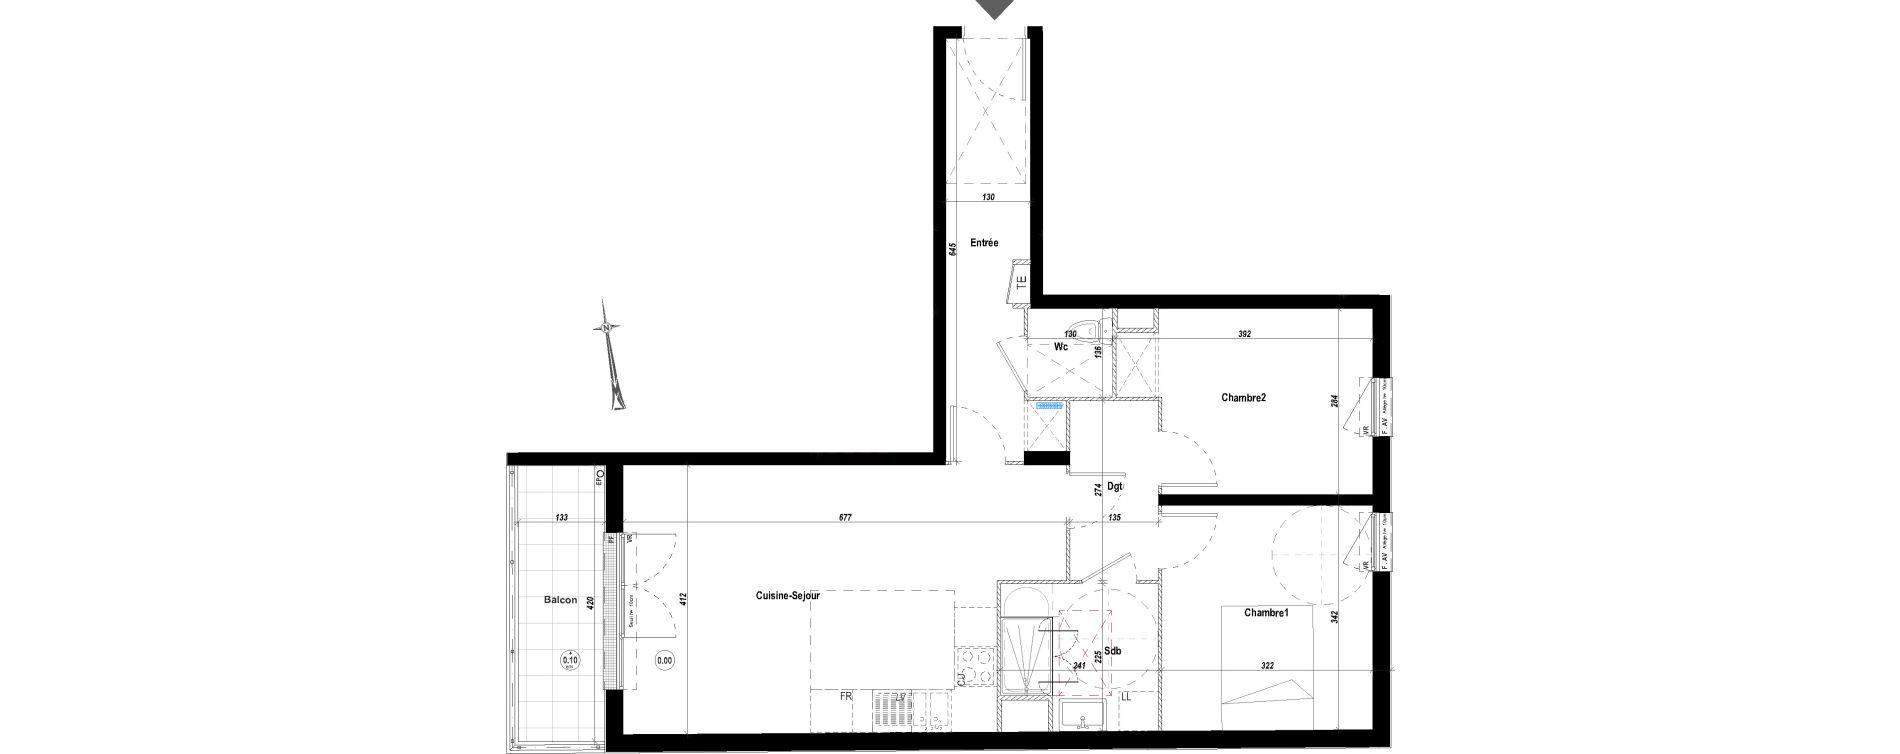 Appartement T3 de 65,13 m2 à Drancy Le petit drancy